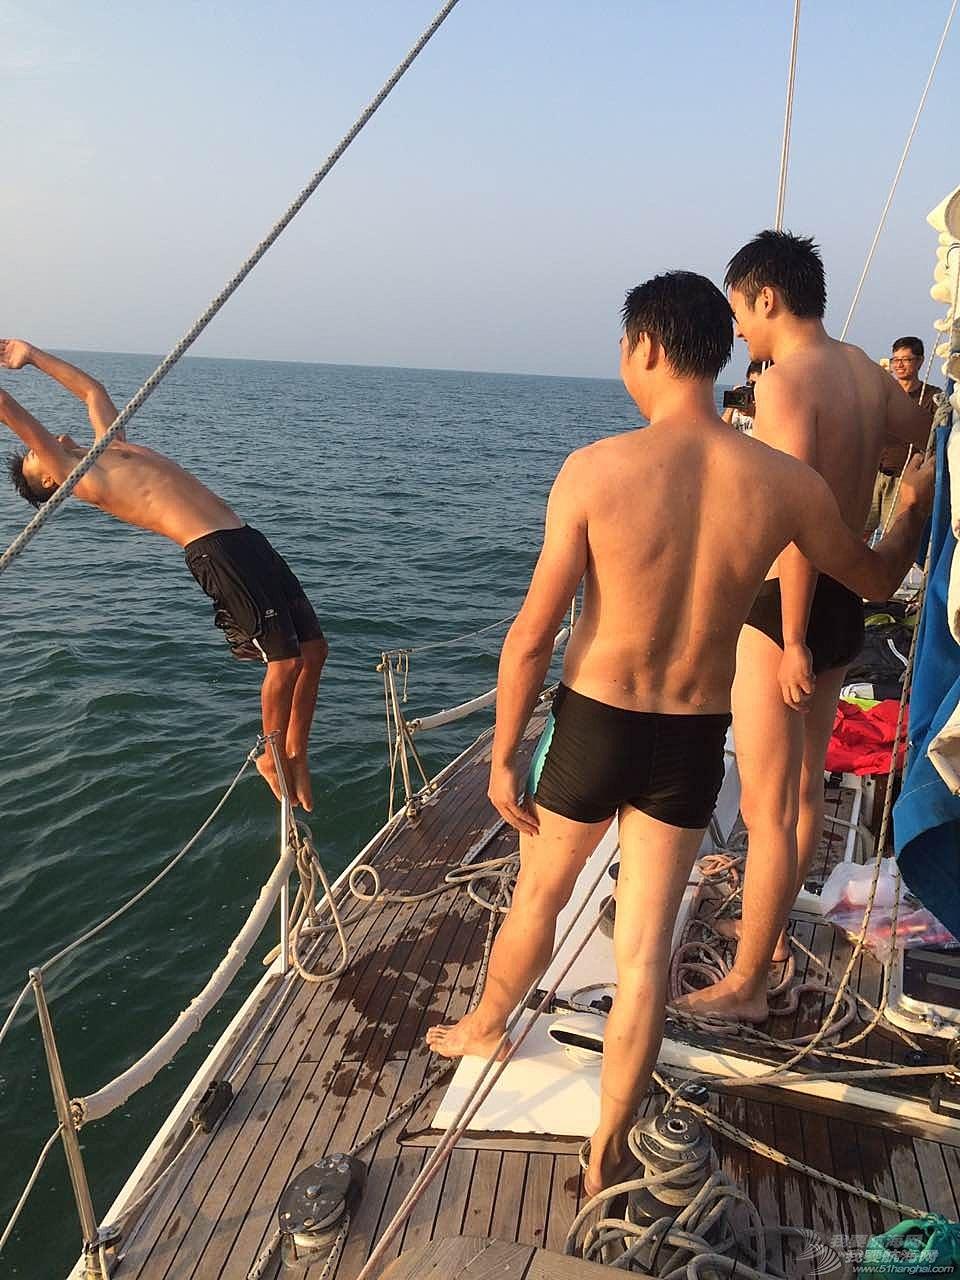 东海,退役运动员,常春藤,渤海,浙江 9天9夜航程800海里让你从一无所知变成合格的水手[威海]